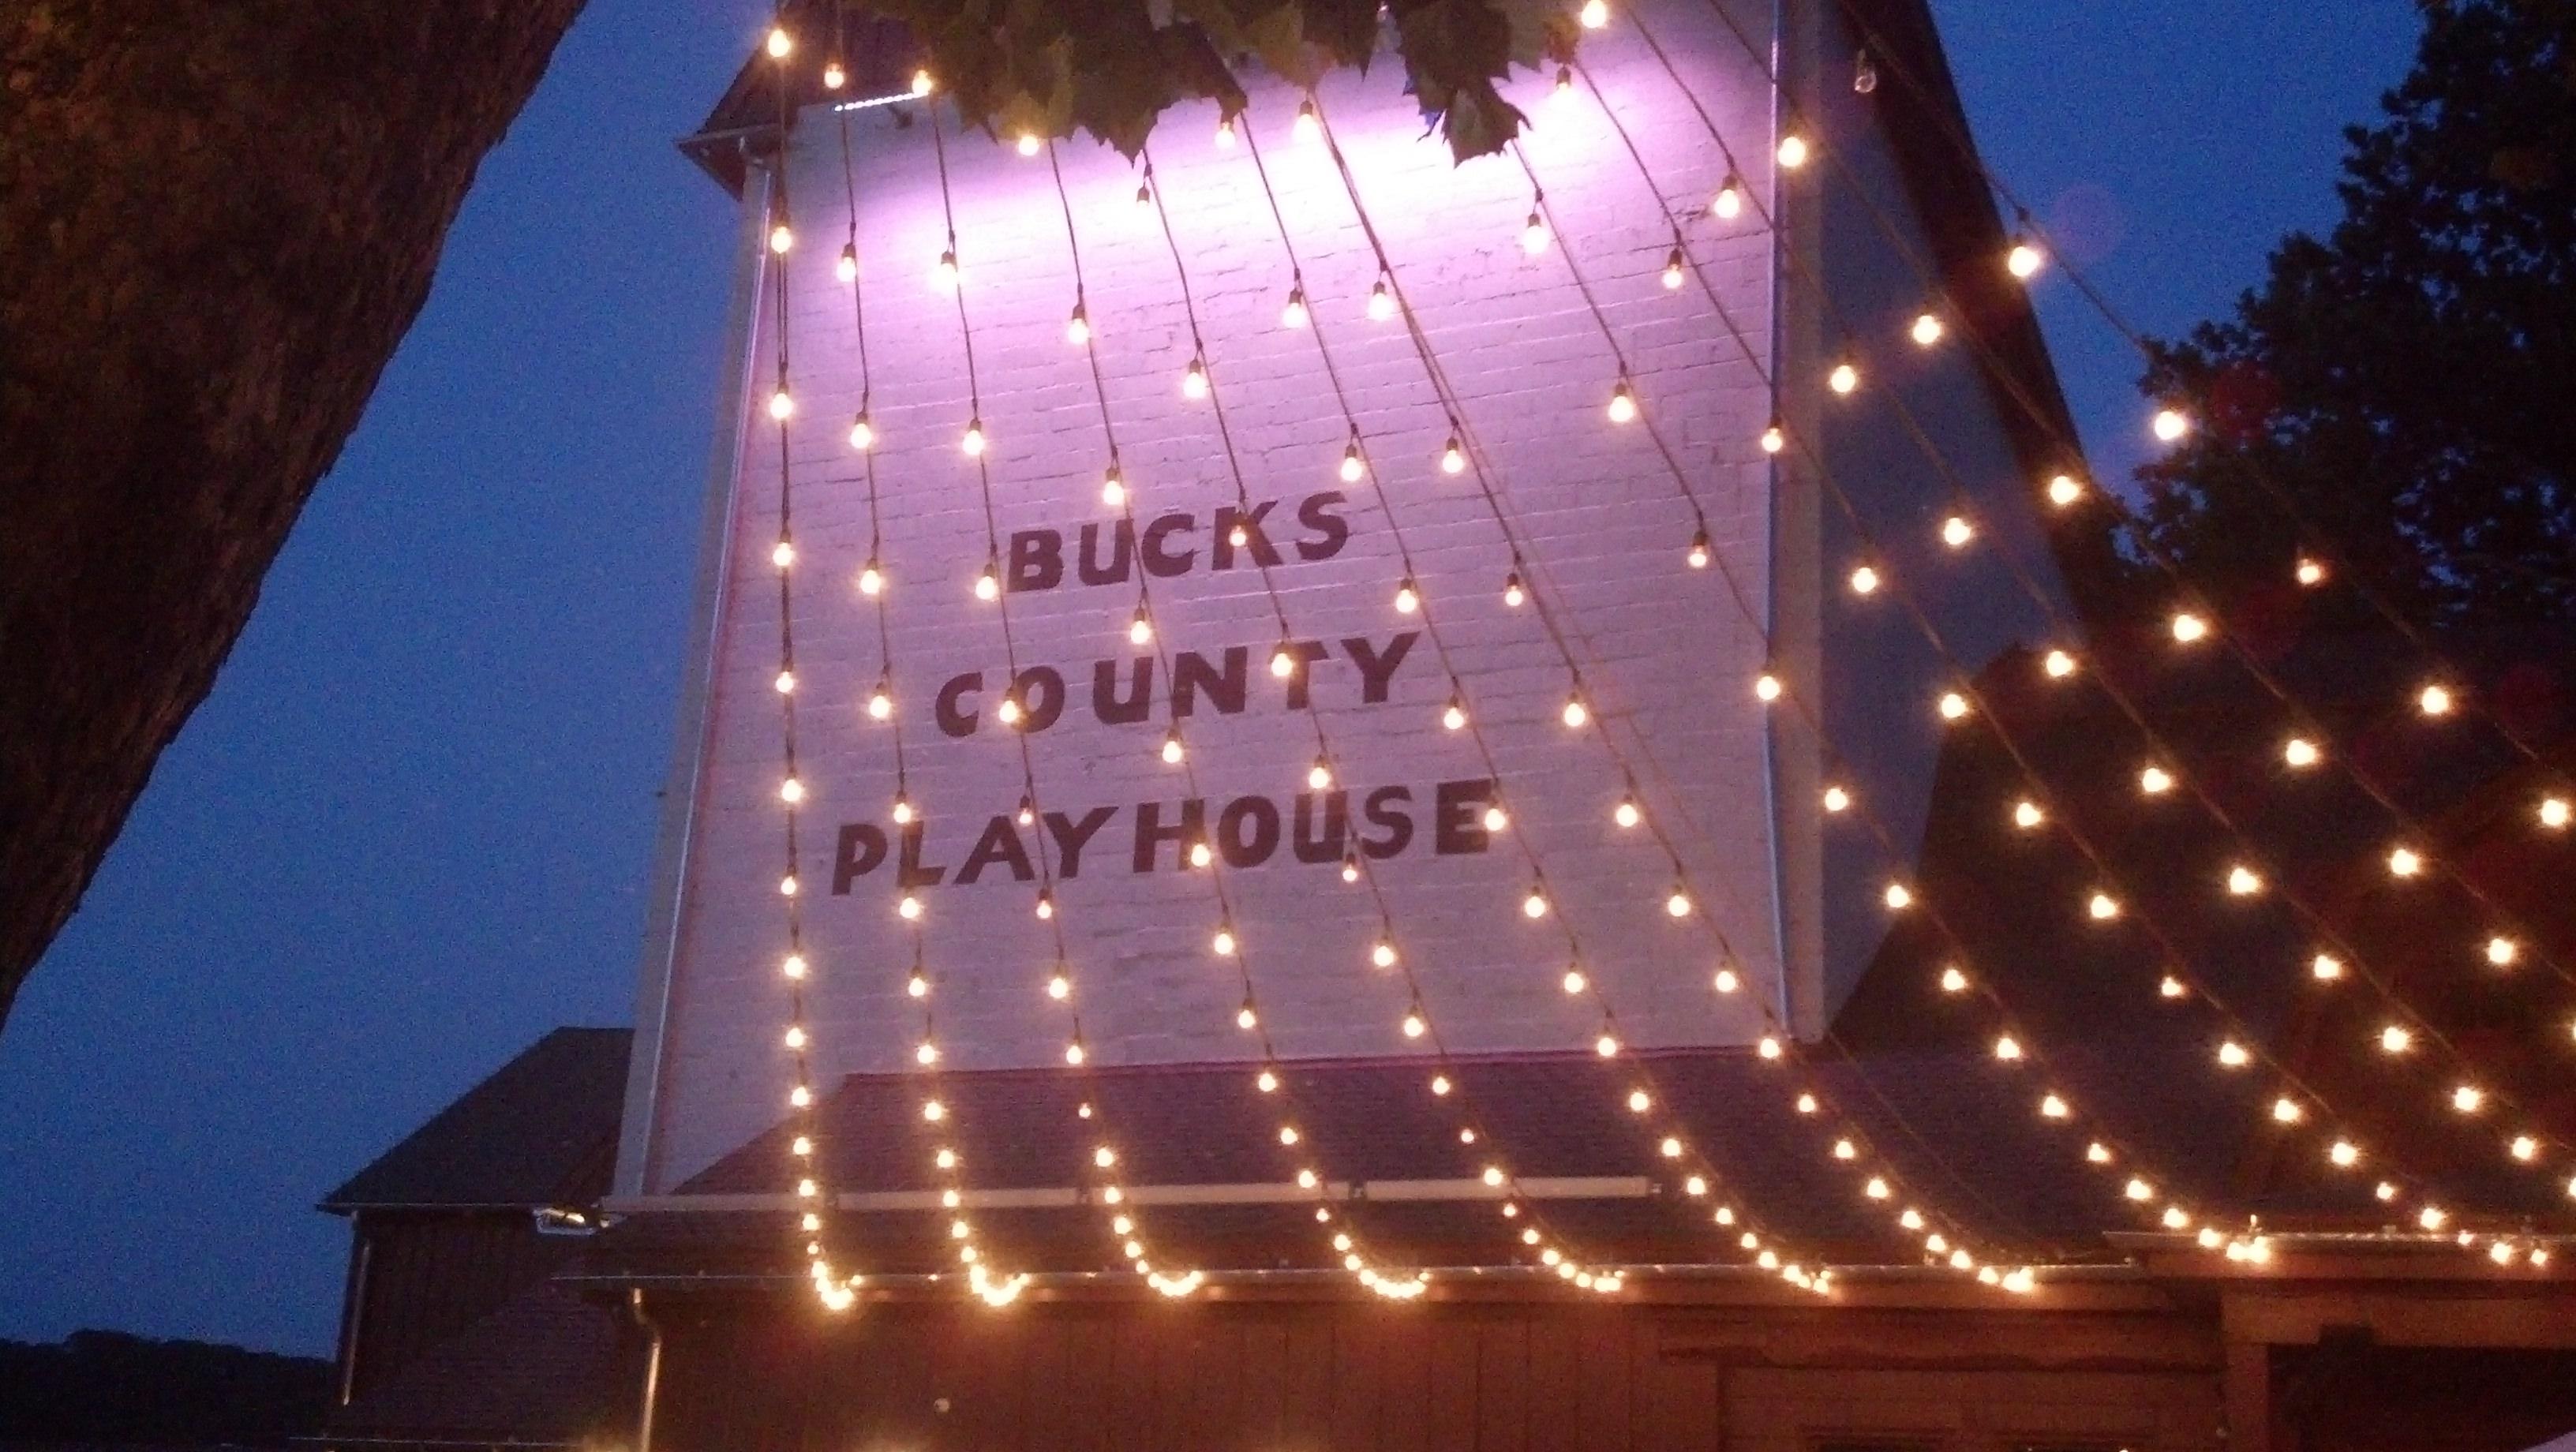 #BucksCountyPlayhouse-FindBucksCountyProperties, #NewHopeRealtors, #SteveWalny, Steve Walny